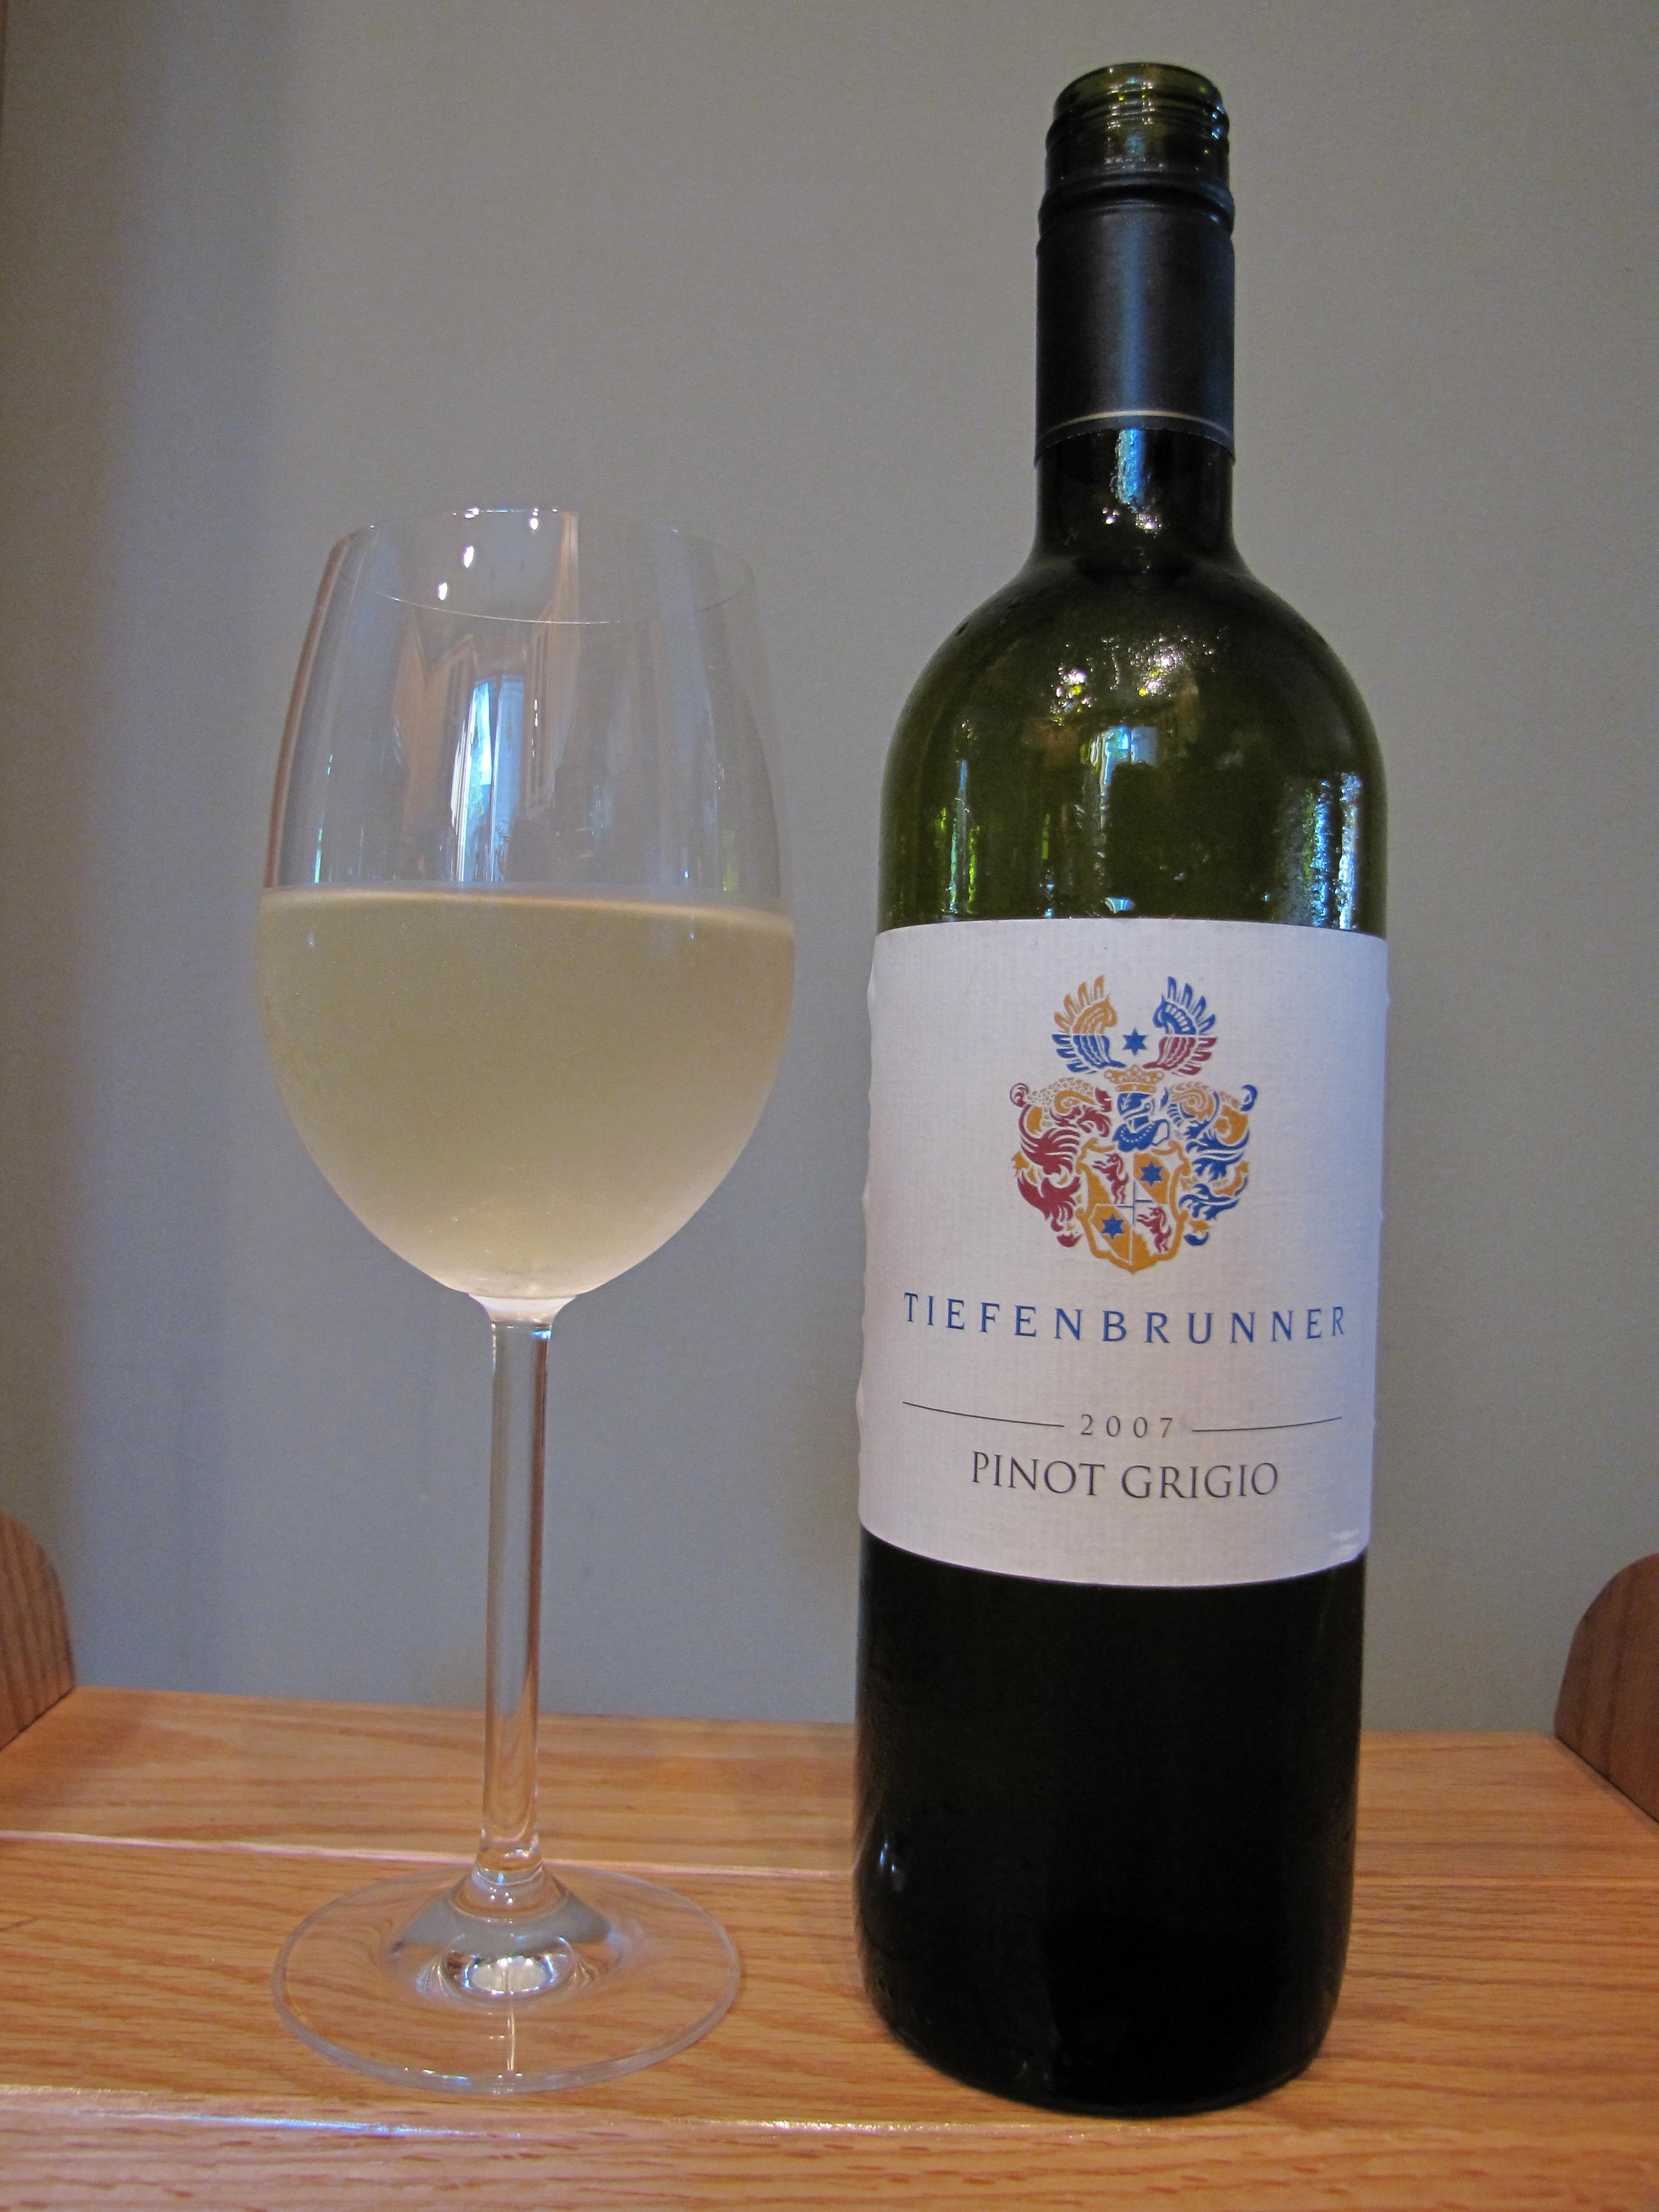 Tiefenbrunner Pinot Grigio Venezie IGT (2007)